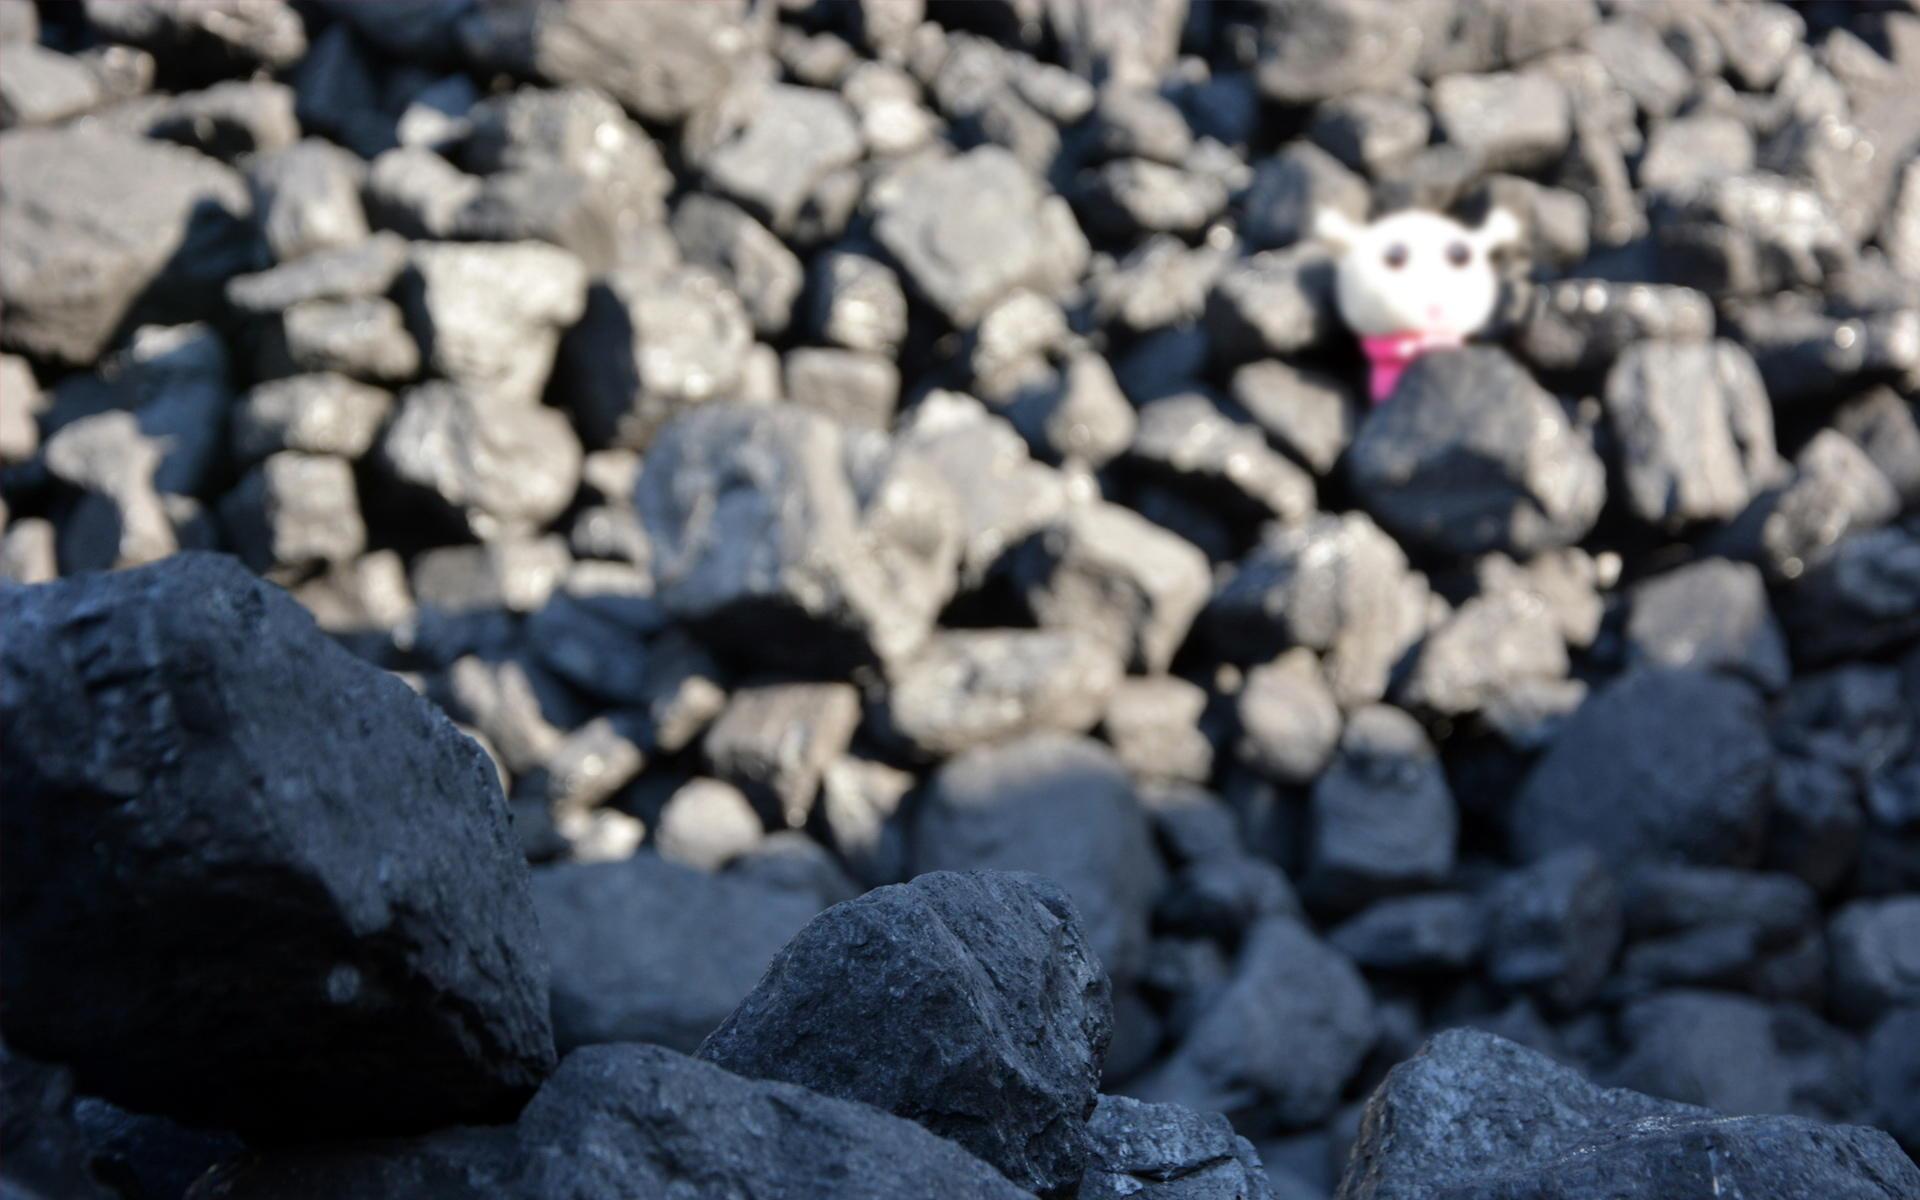 毛绒蜗弟公仔摄影高清宽屏壁纸